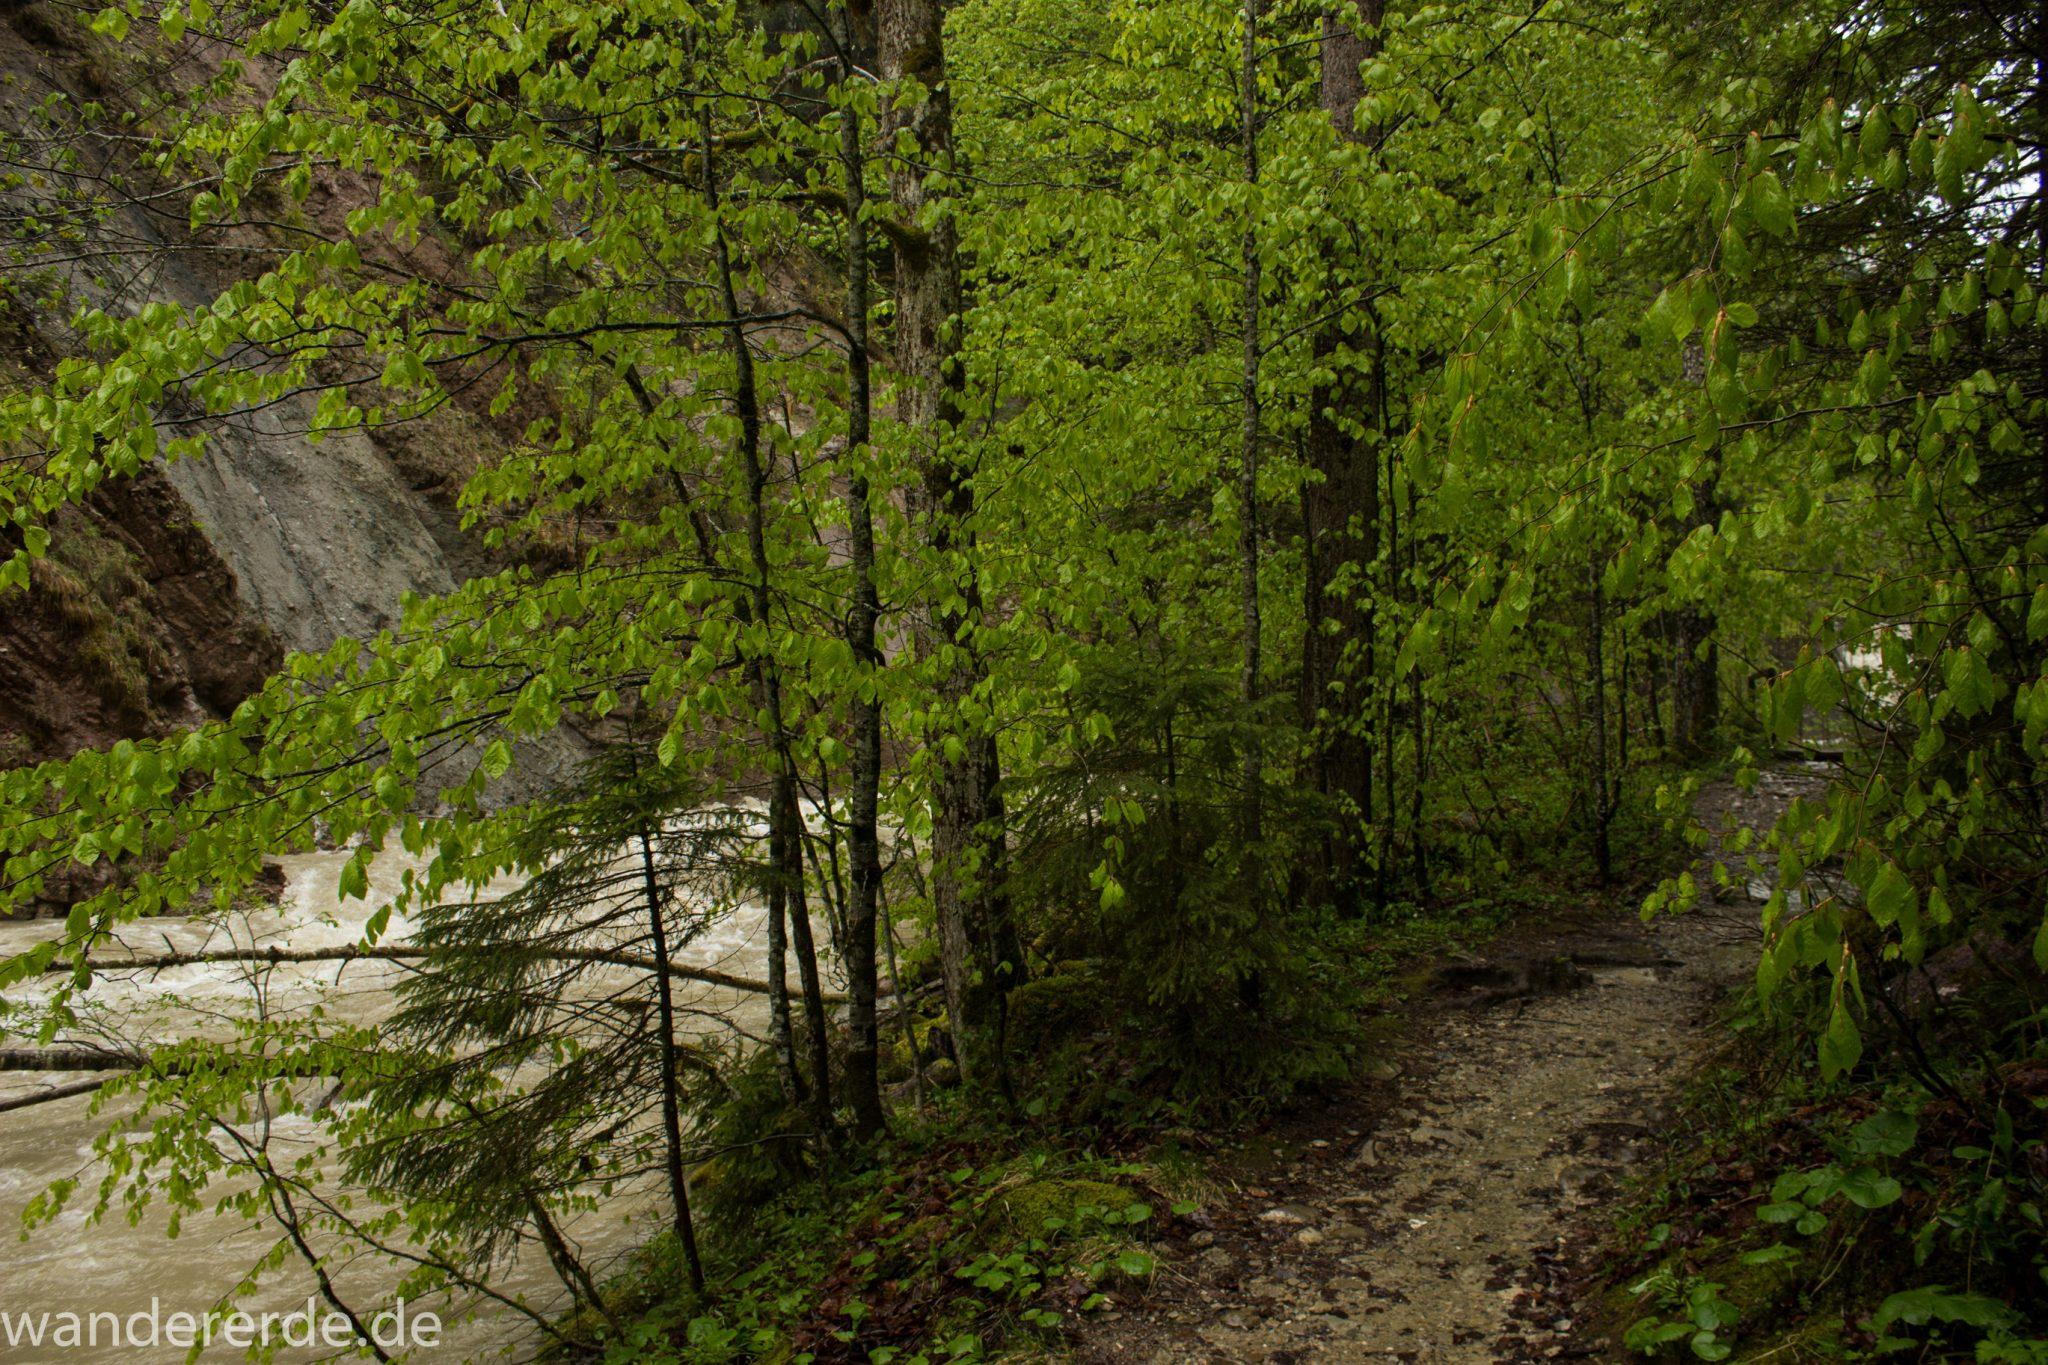 Wanderung Tobelweg ab Gunzesried im Allgäu, Ostertal Tobelweg ab Wanderparkplatz Gunzesrieder Säge wandern, abwechslungsreicher schmaler Pfad zum Ostertal, reißender Fluss nach starken Regenfällen, Fluss tritt beinahe über das Ufer, umgeben von Felsen und schönem, dichtem Mischwald